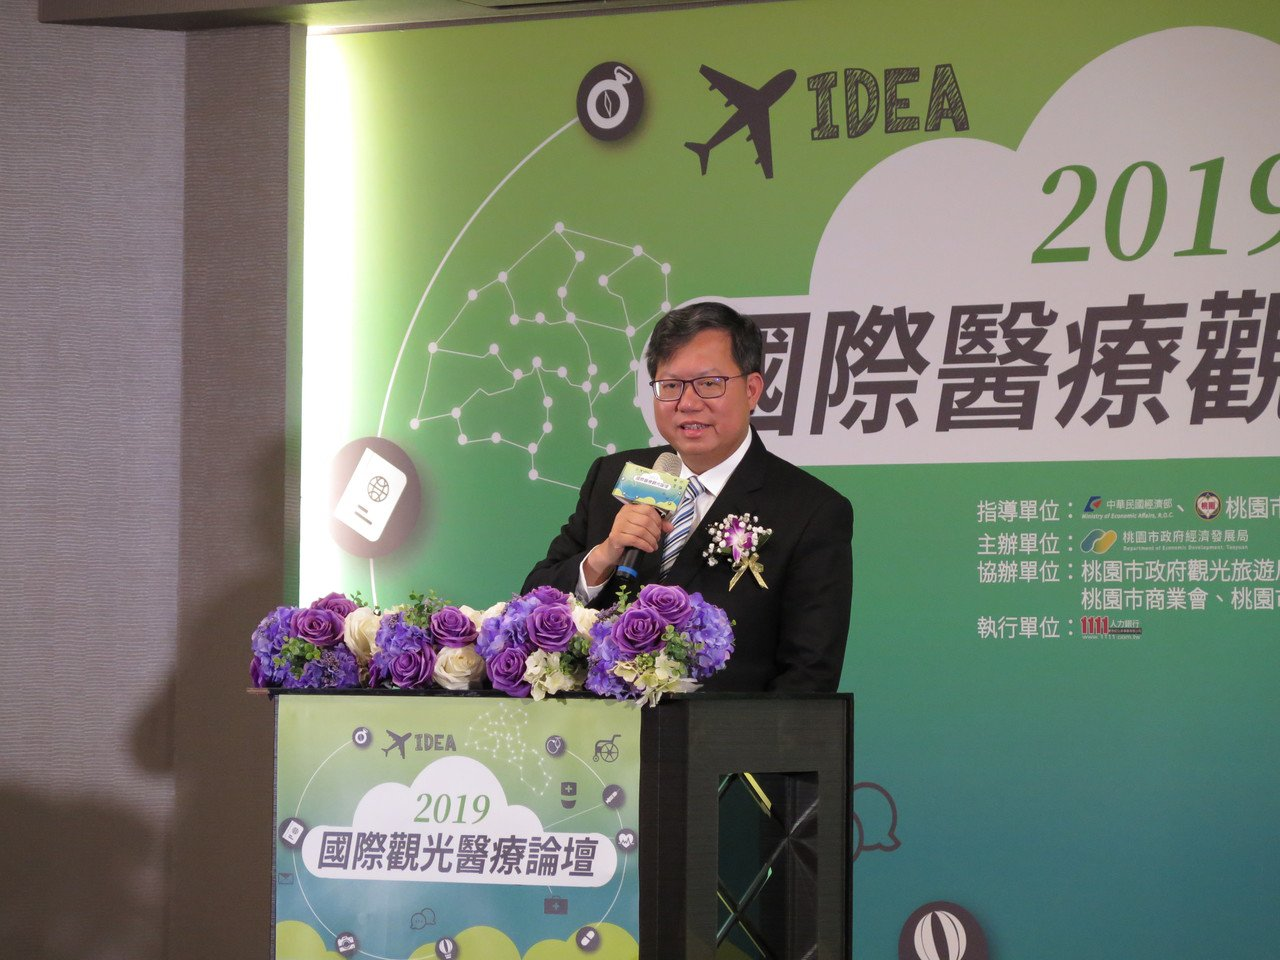 市長鄭文燦今天下午出席國際醫療觀光研討會,會後受訪談到減肥話題。記者張裕珍/攝影